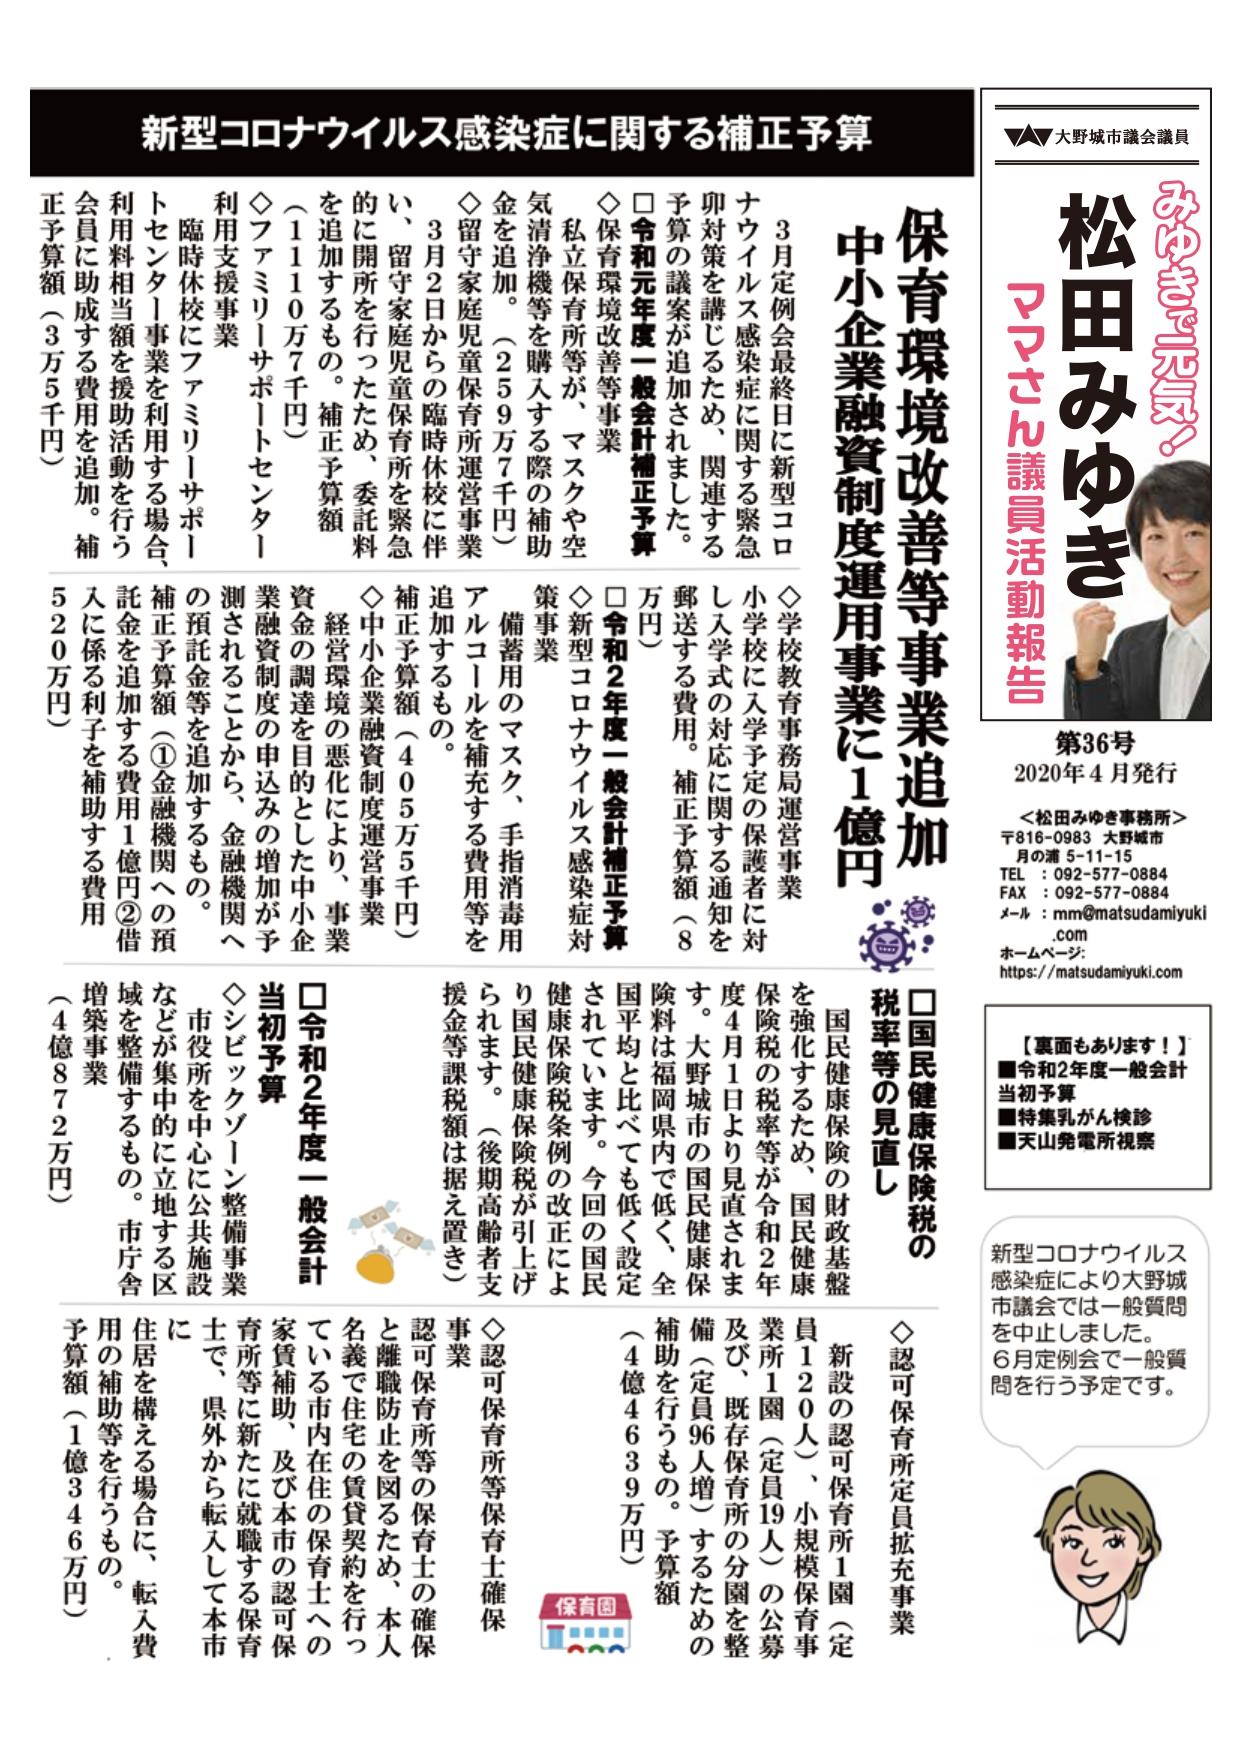 大野城市議会議員 松田みゆき 市政報告 第36号 01